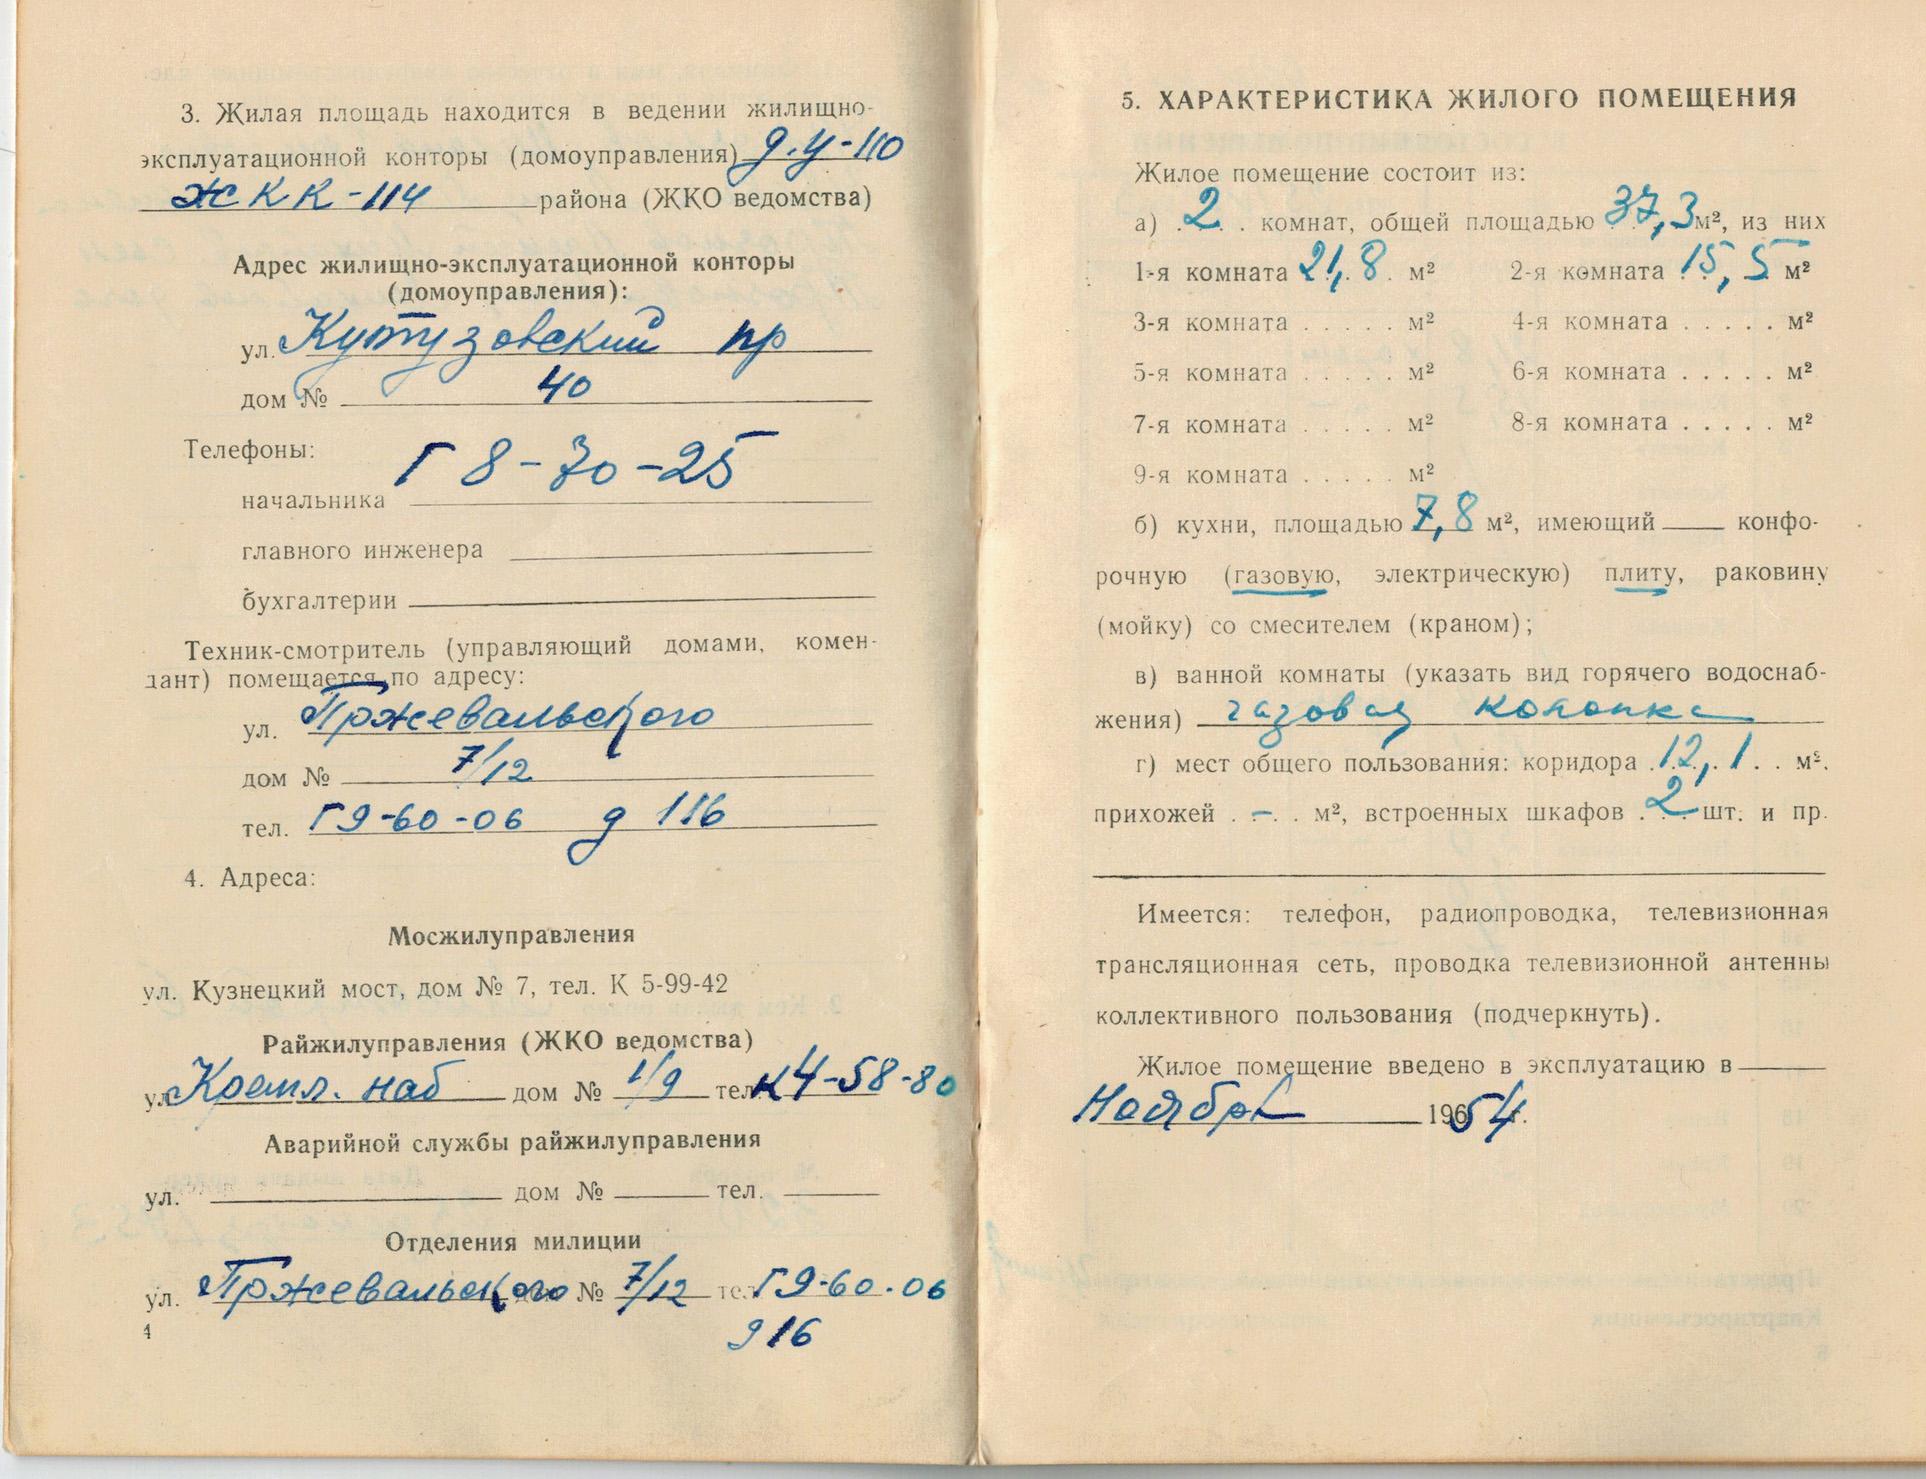 Из семейного архива Кулагиной Ю.М.4